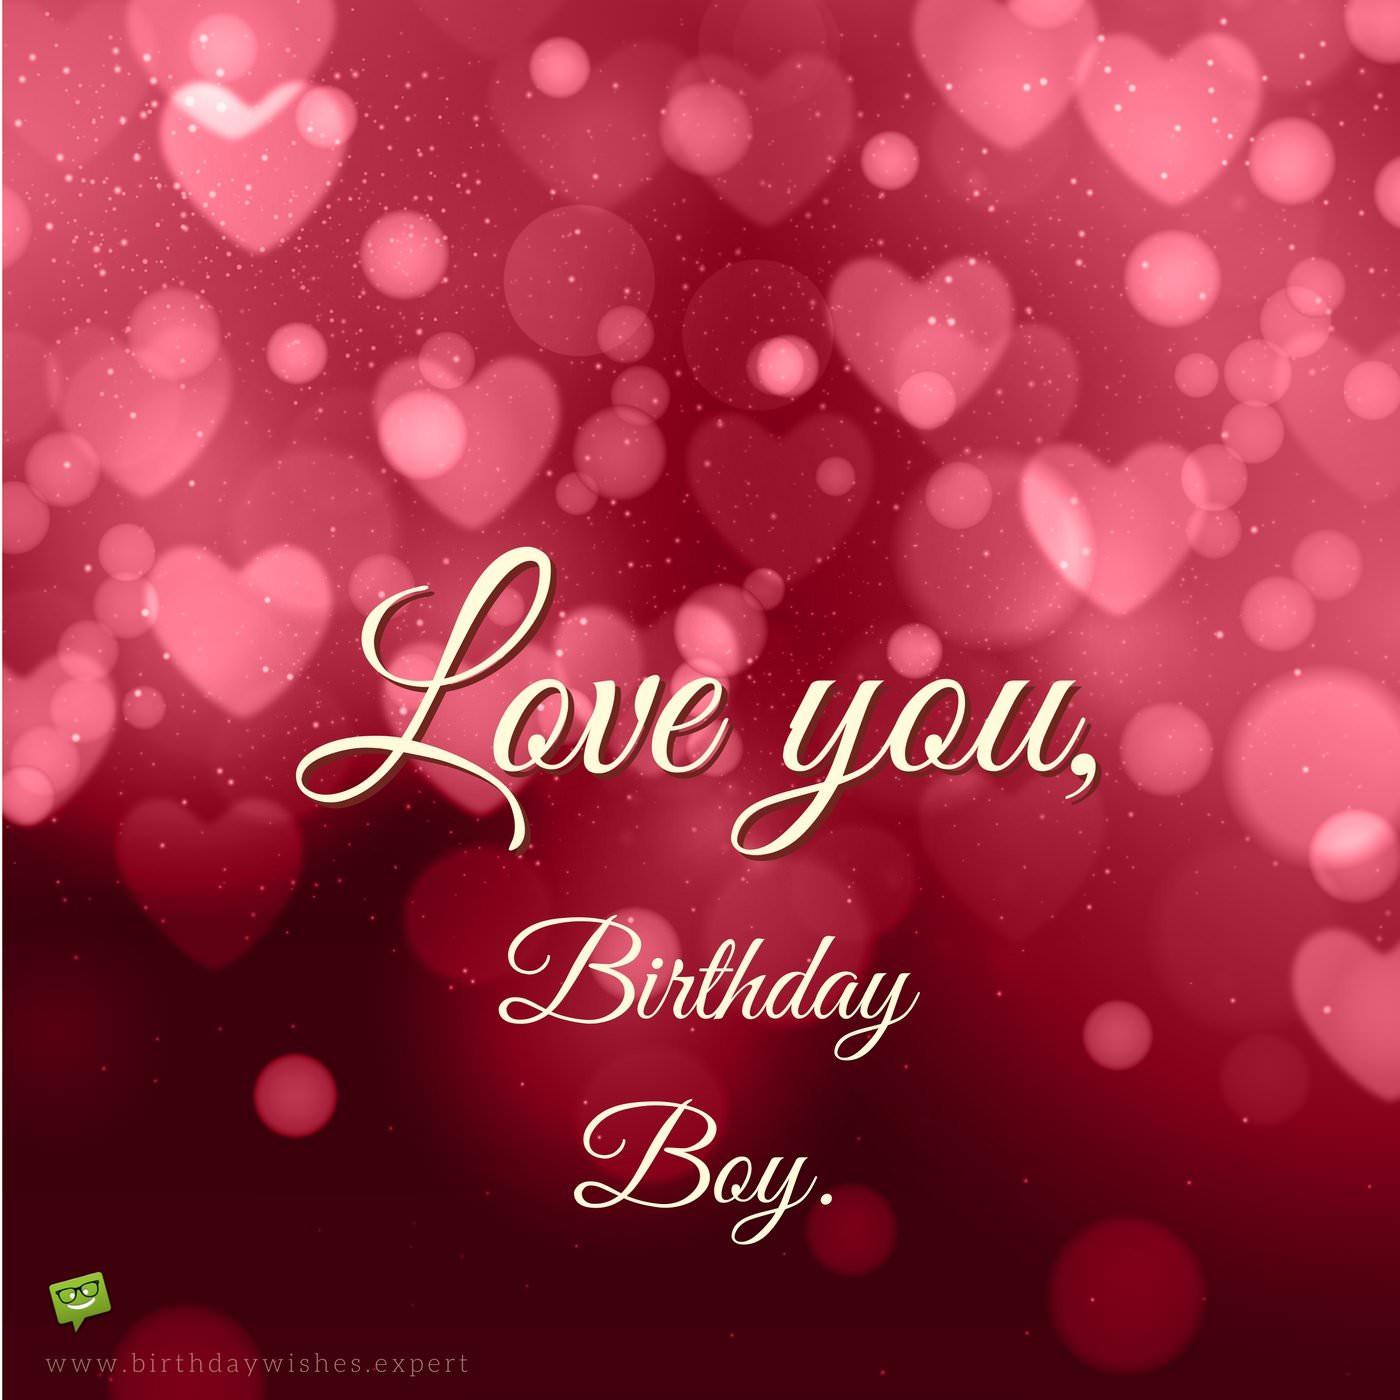 Loving Birthday Wishes  Romantic Birthday Wishes for Boyfriends